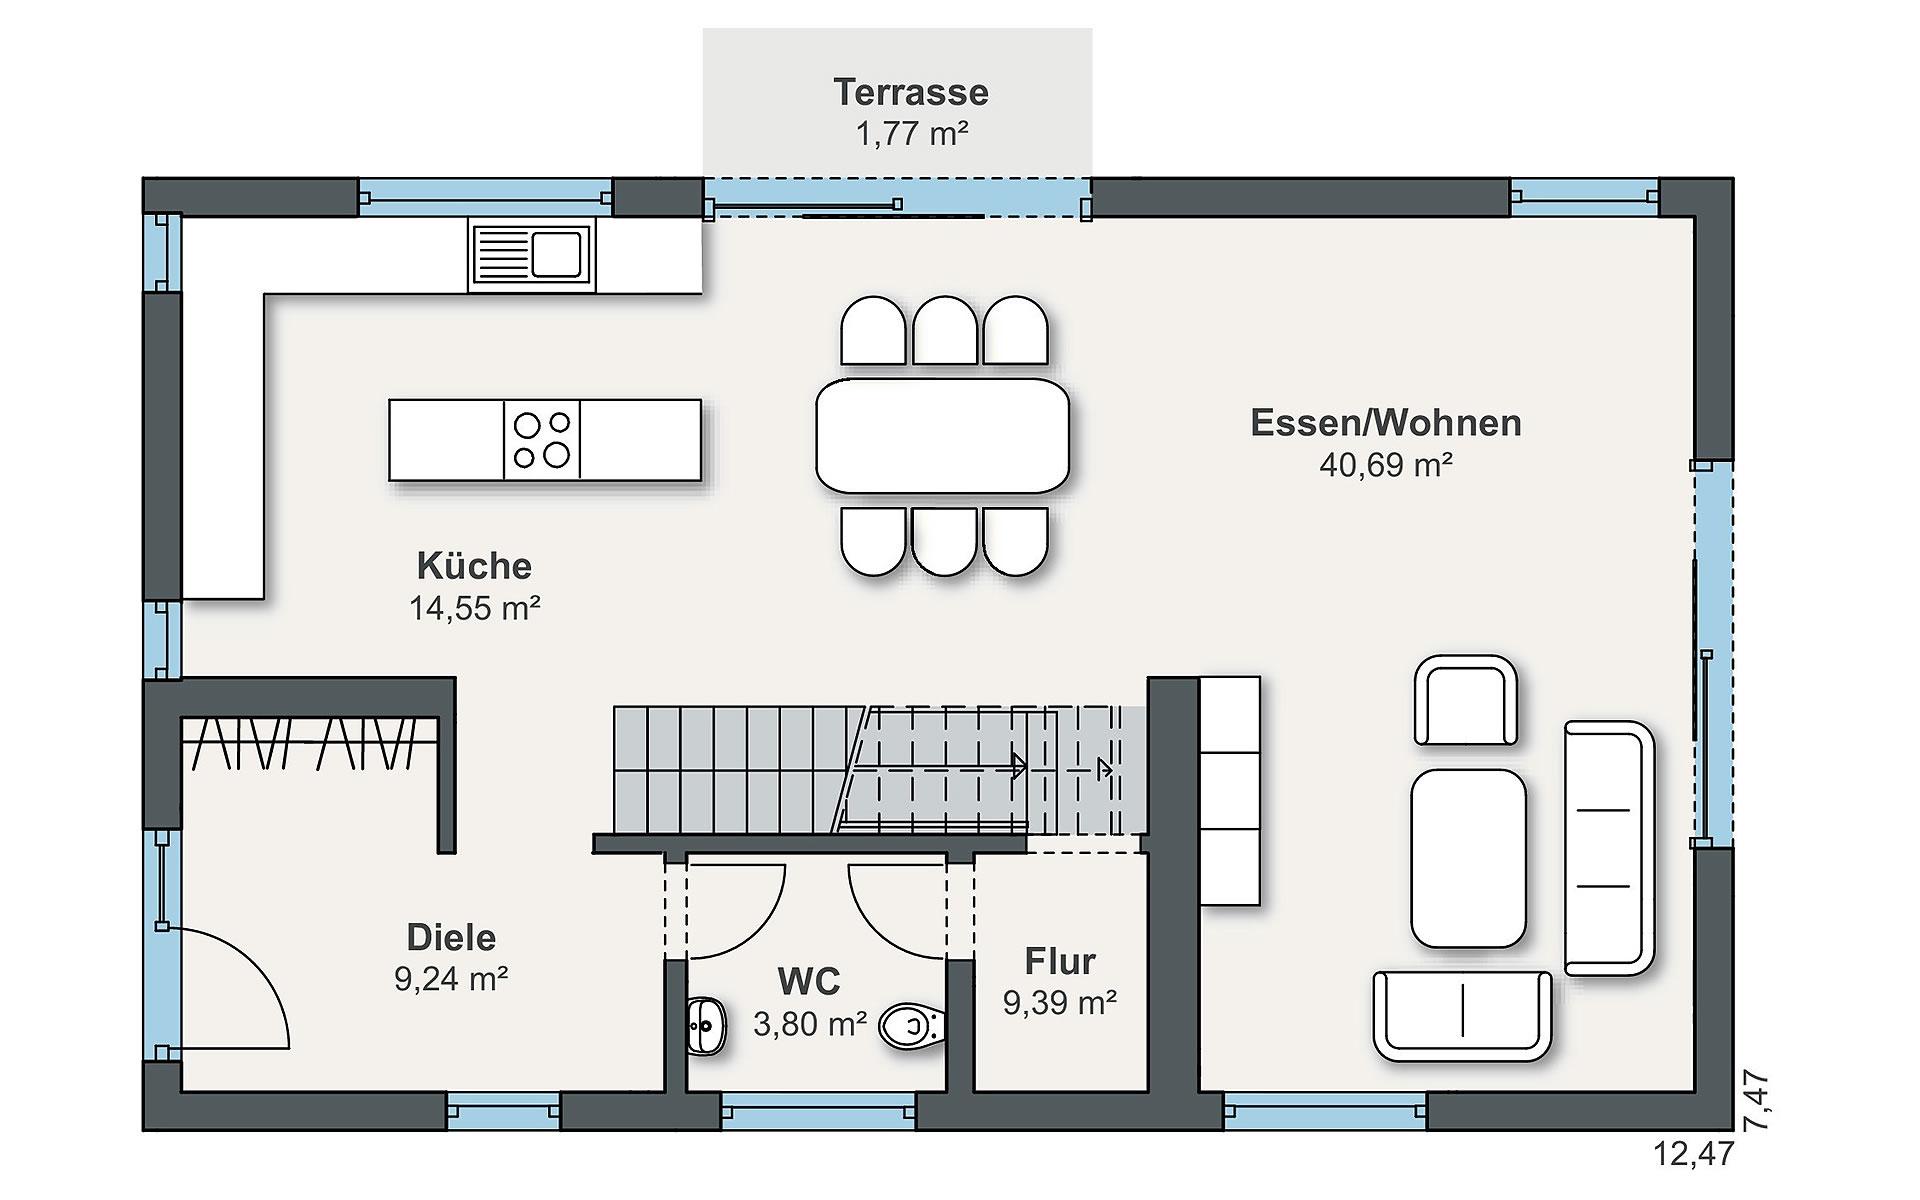 Erdgeschoss sunshine 300 (Friemert) von WeberHaus GmbH & Co. KG